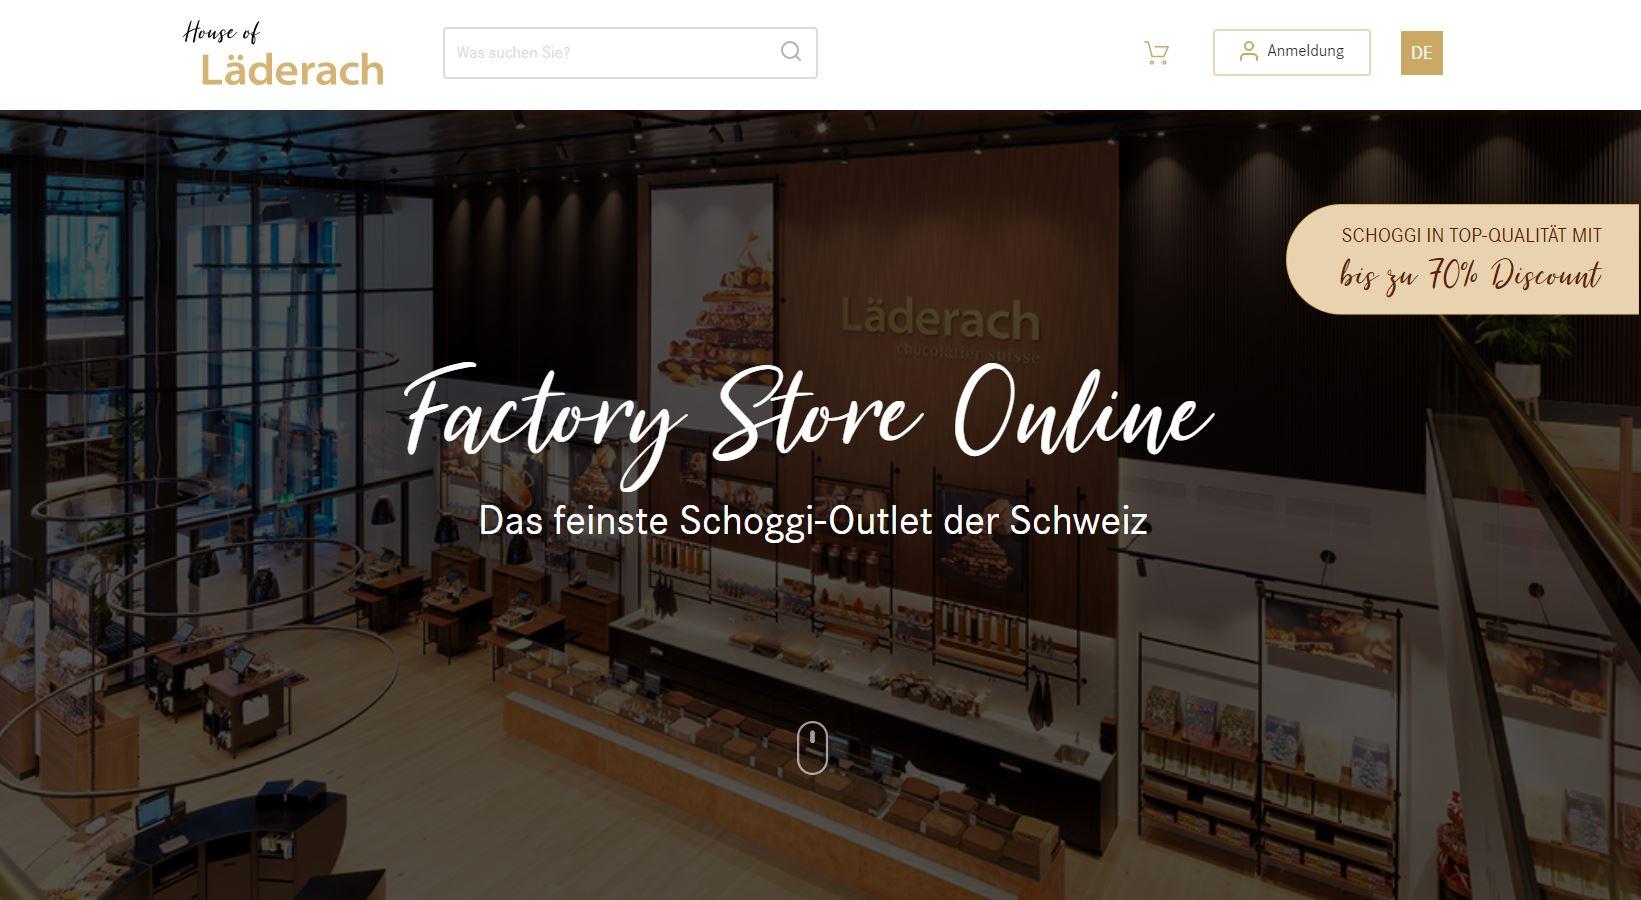 Laderach_Screenshot_Factory_Store_Online